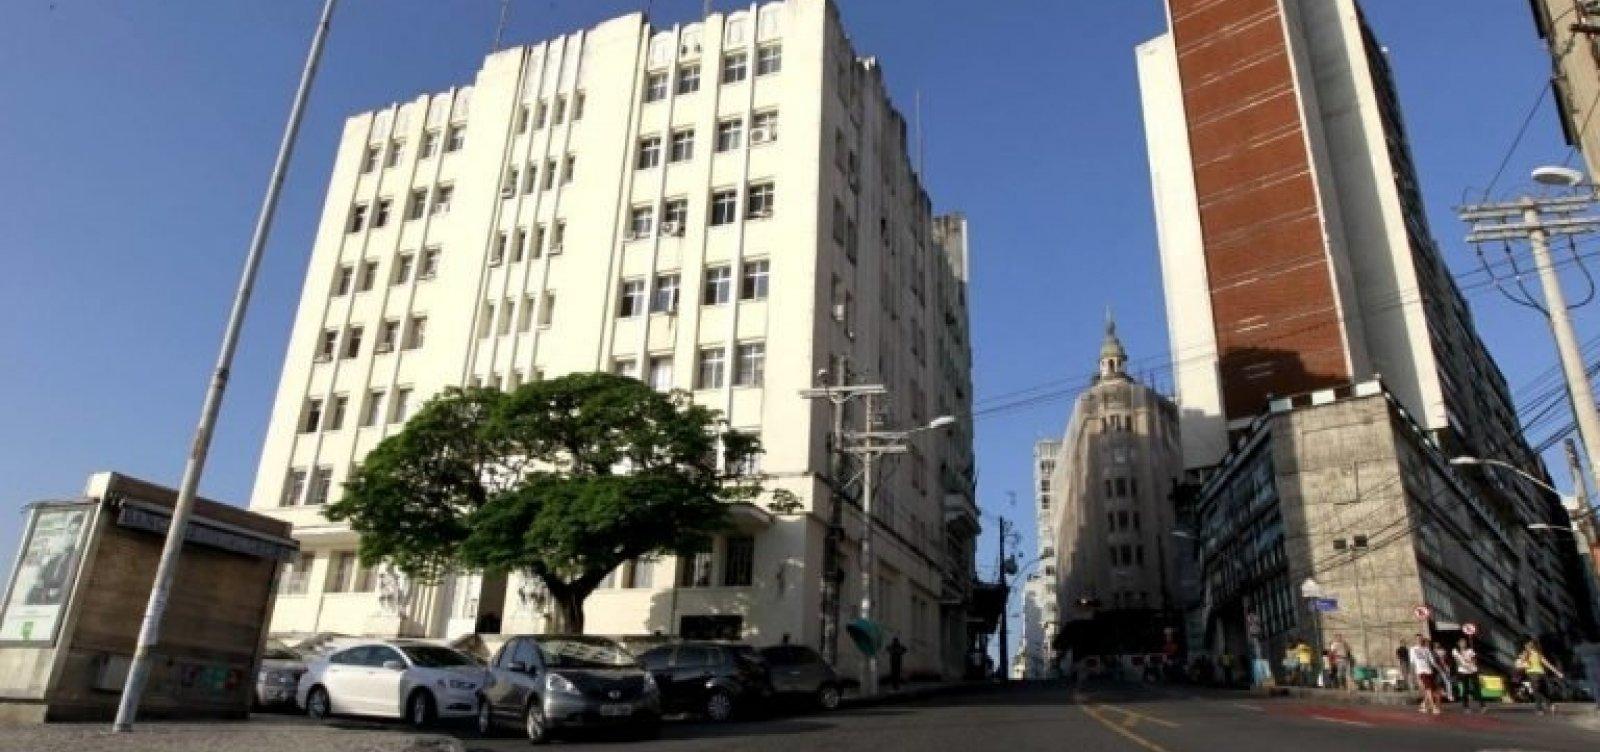 Palácio dos Esportes, antigo palco de eventos da sociedade baiana em Salvador, vai virar hotel